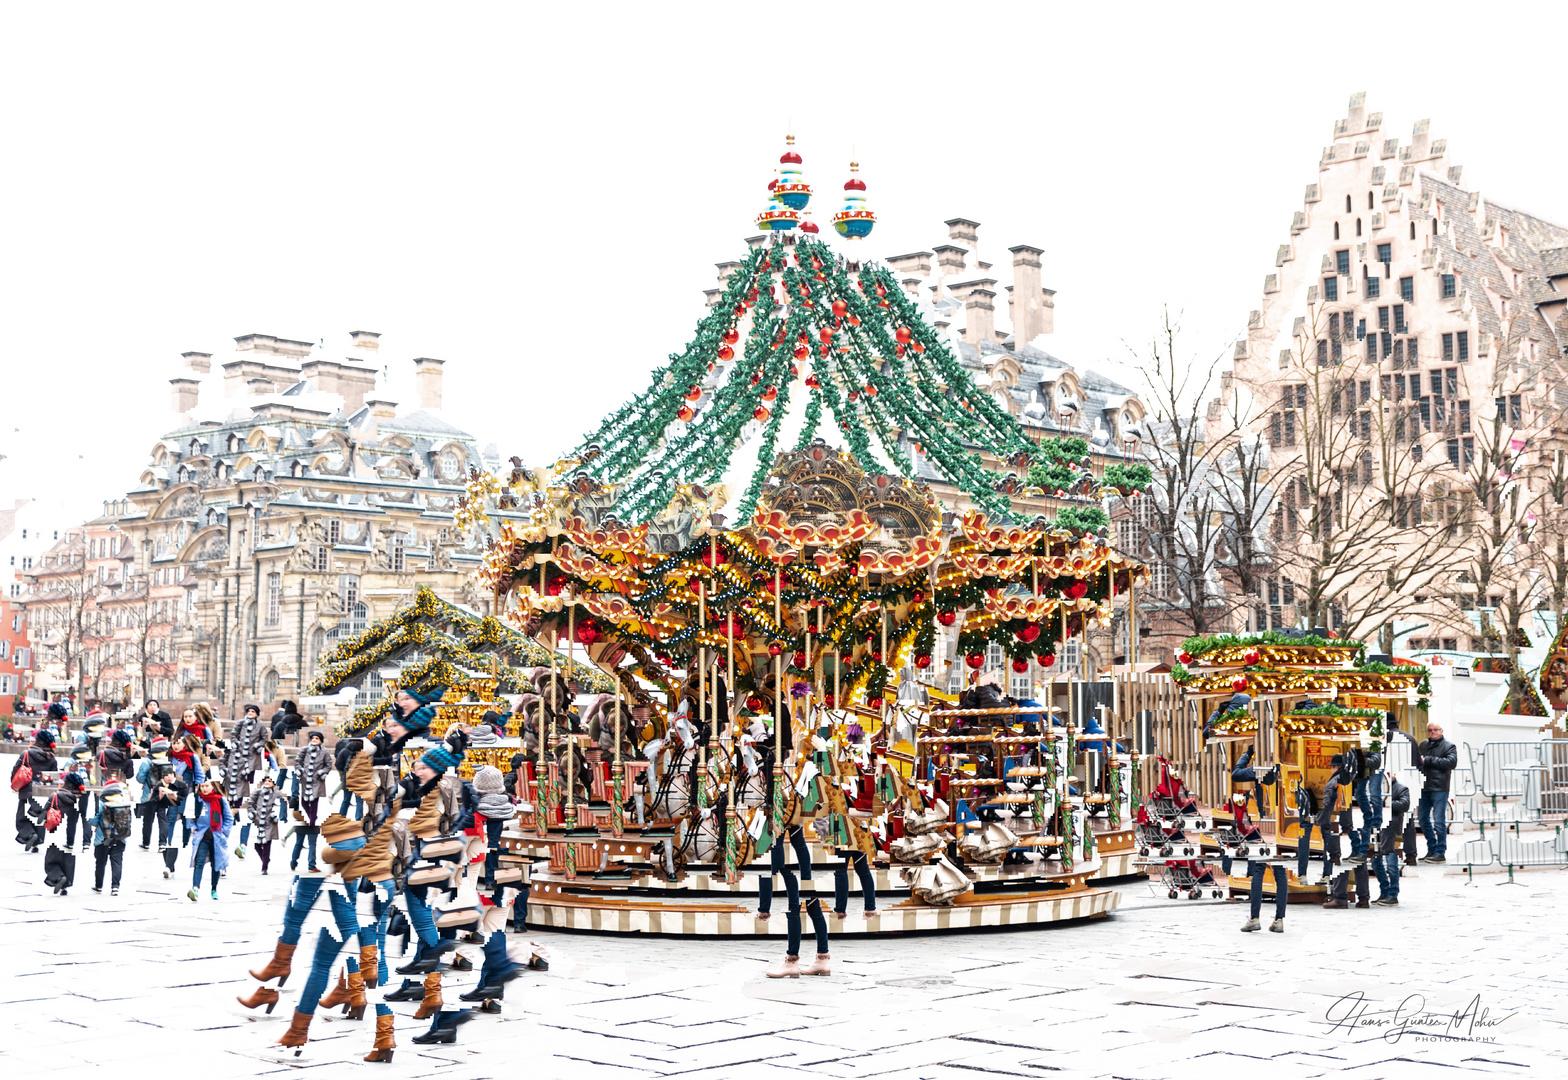 Auf Dem Weihnachtsmarkt In Strassburg Foto Bild Europe